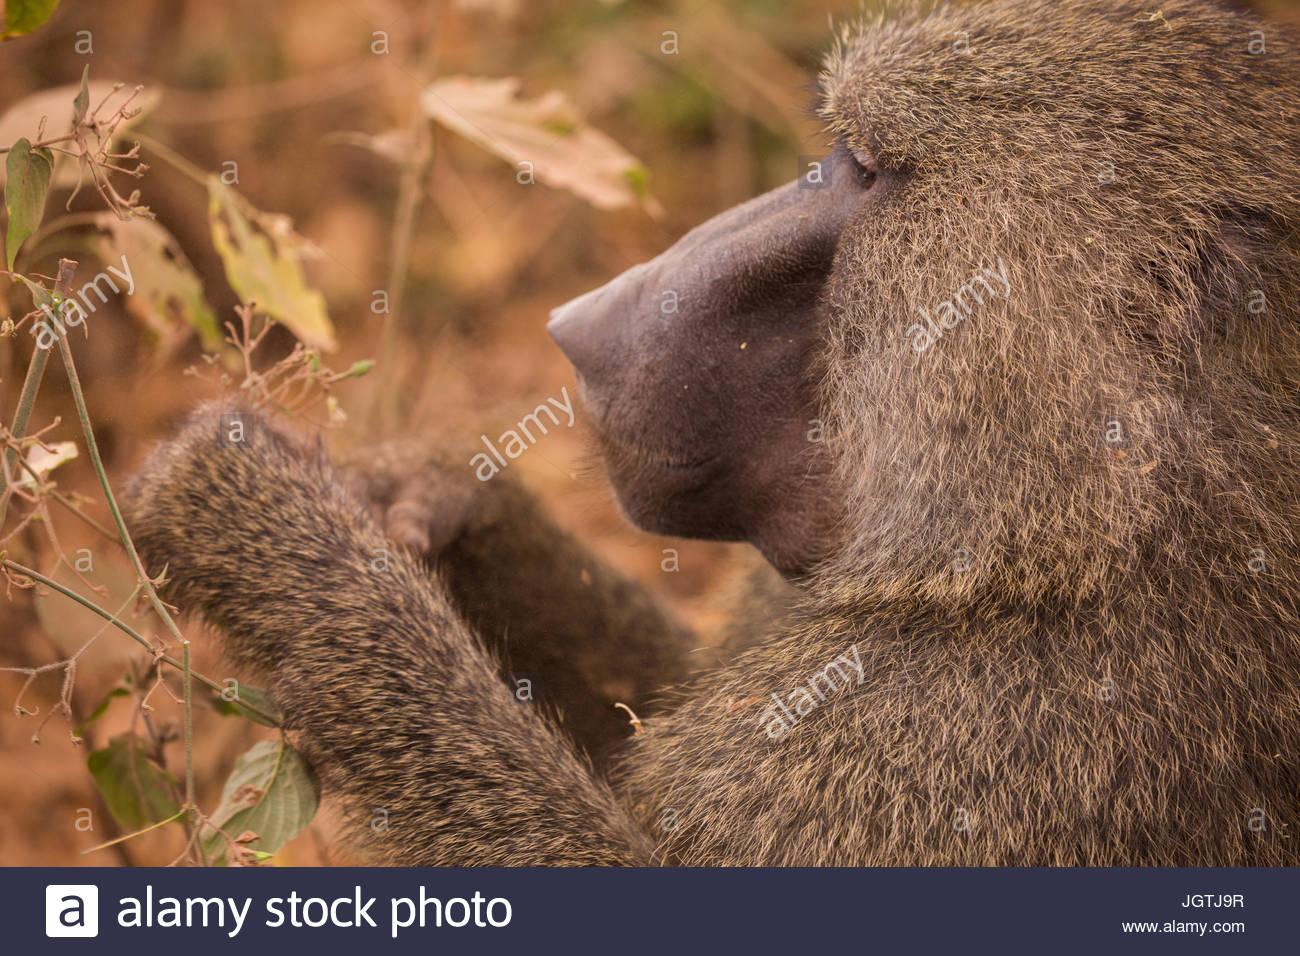 A baboon in Lake Manyara National Park. - Stock Image